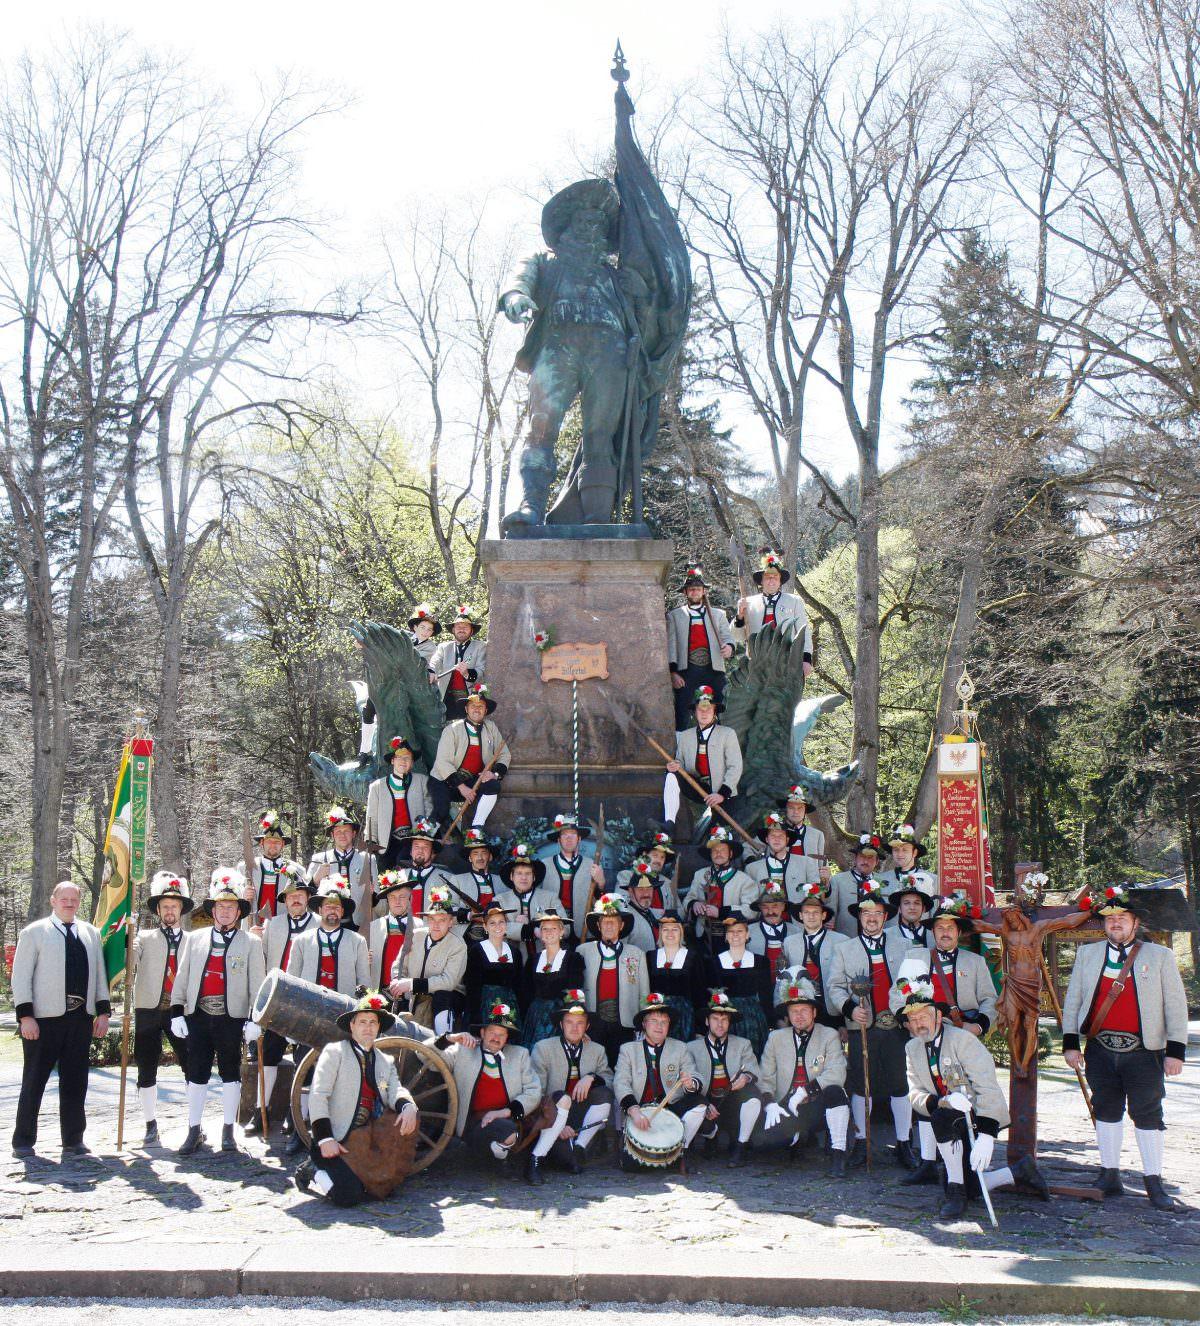 Die Schützenkompanie Hart (© www.eventfotografie.cc, Roman Potykanowicz)